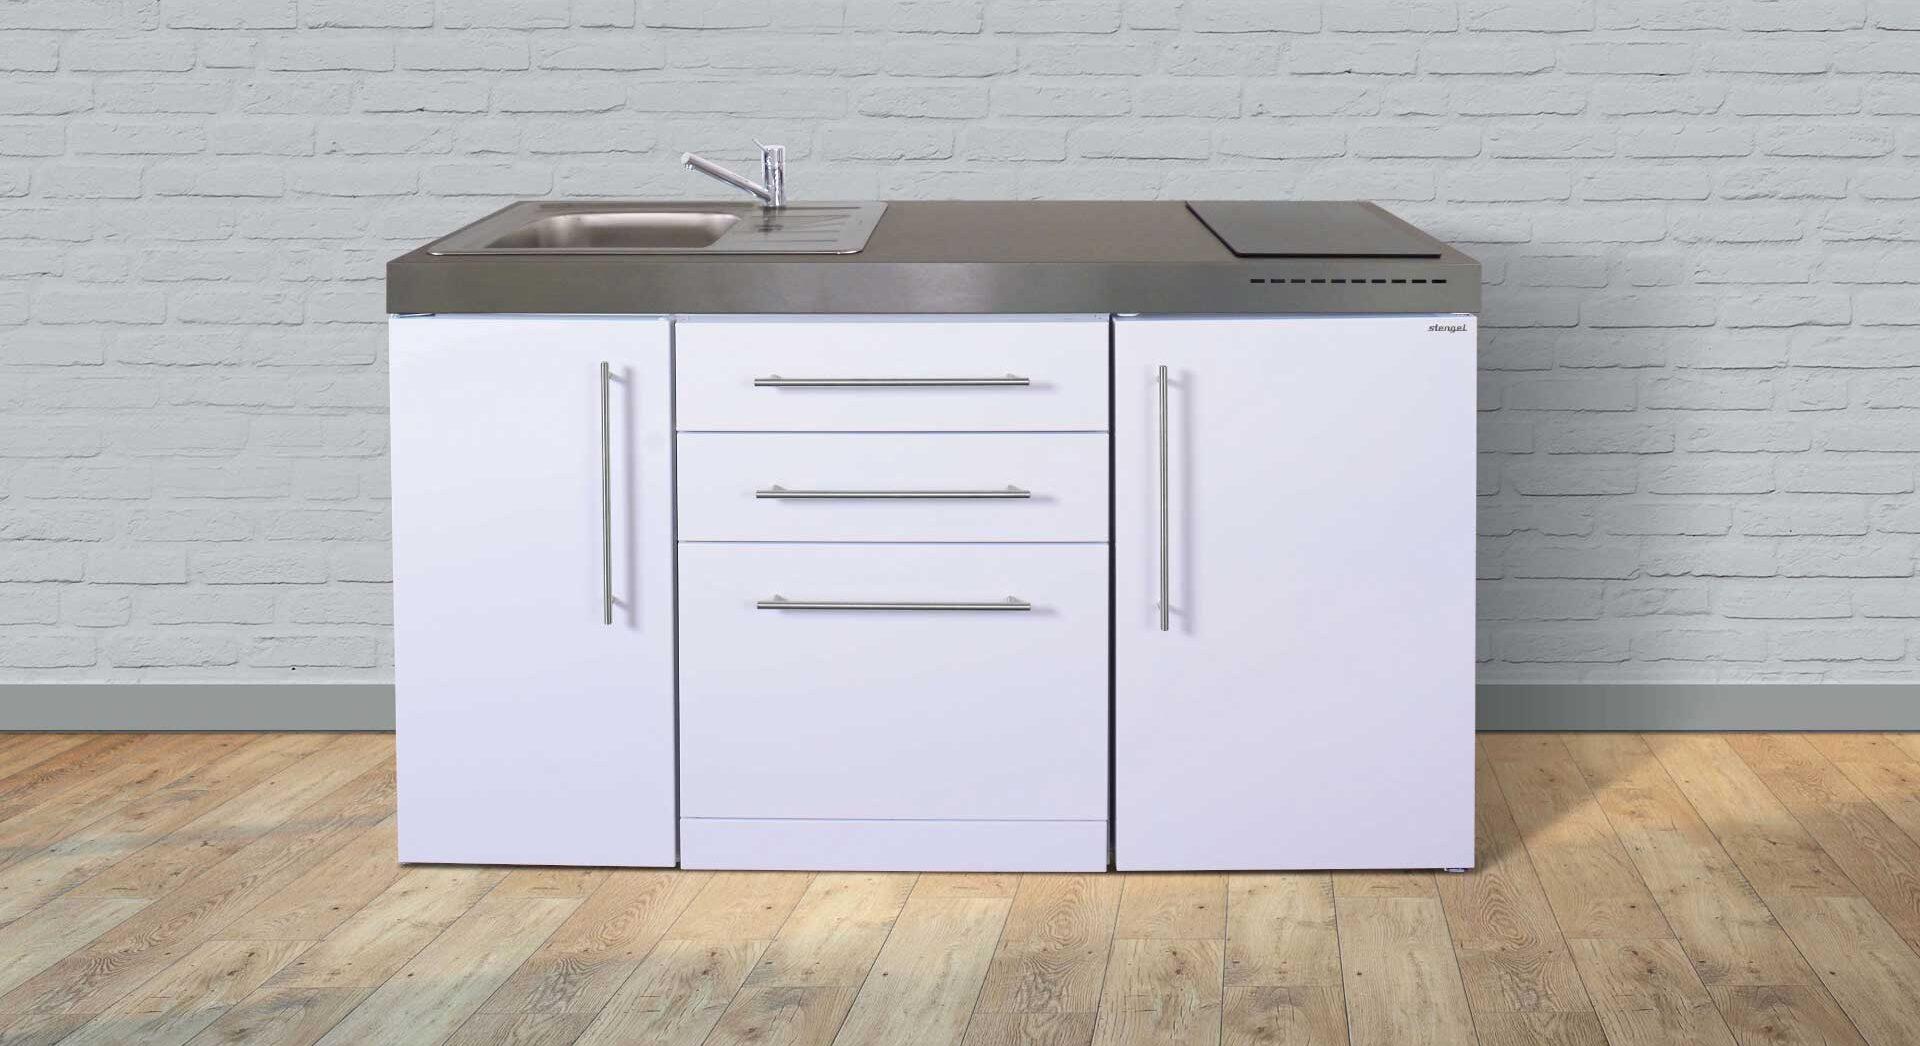 Minikøkken MPGS 150 inkl. køleskab, opvaskemaskine mm. - se pris/tilbud, produktinfo og tilvalg her. Miljøvenligt, bæredygtige og 100% genanvendelige materialer. 8 flotte farver.Kontakt Kimbrer Lines, Røjbækvej 3, 9640 Farsø, tlf. 2512 6789.